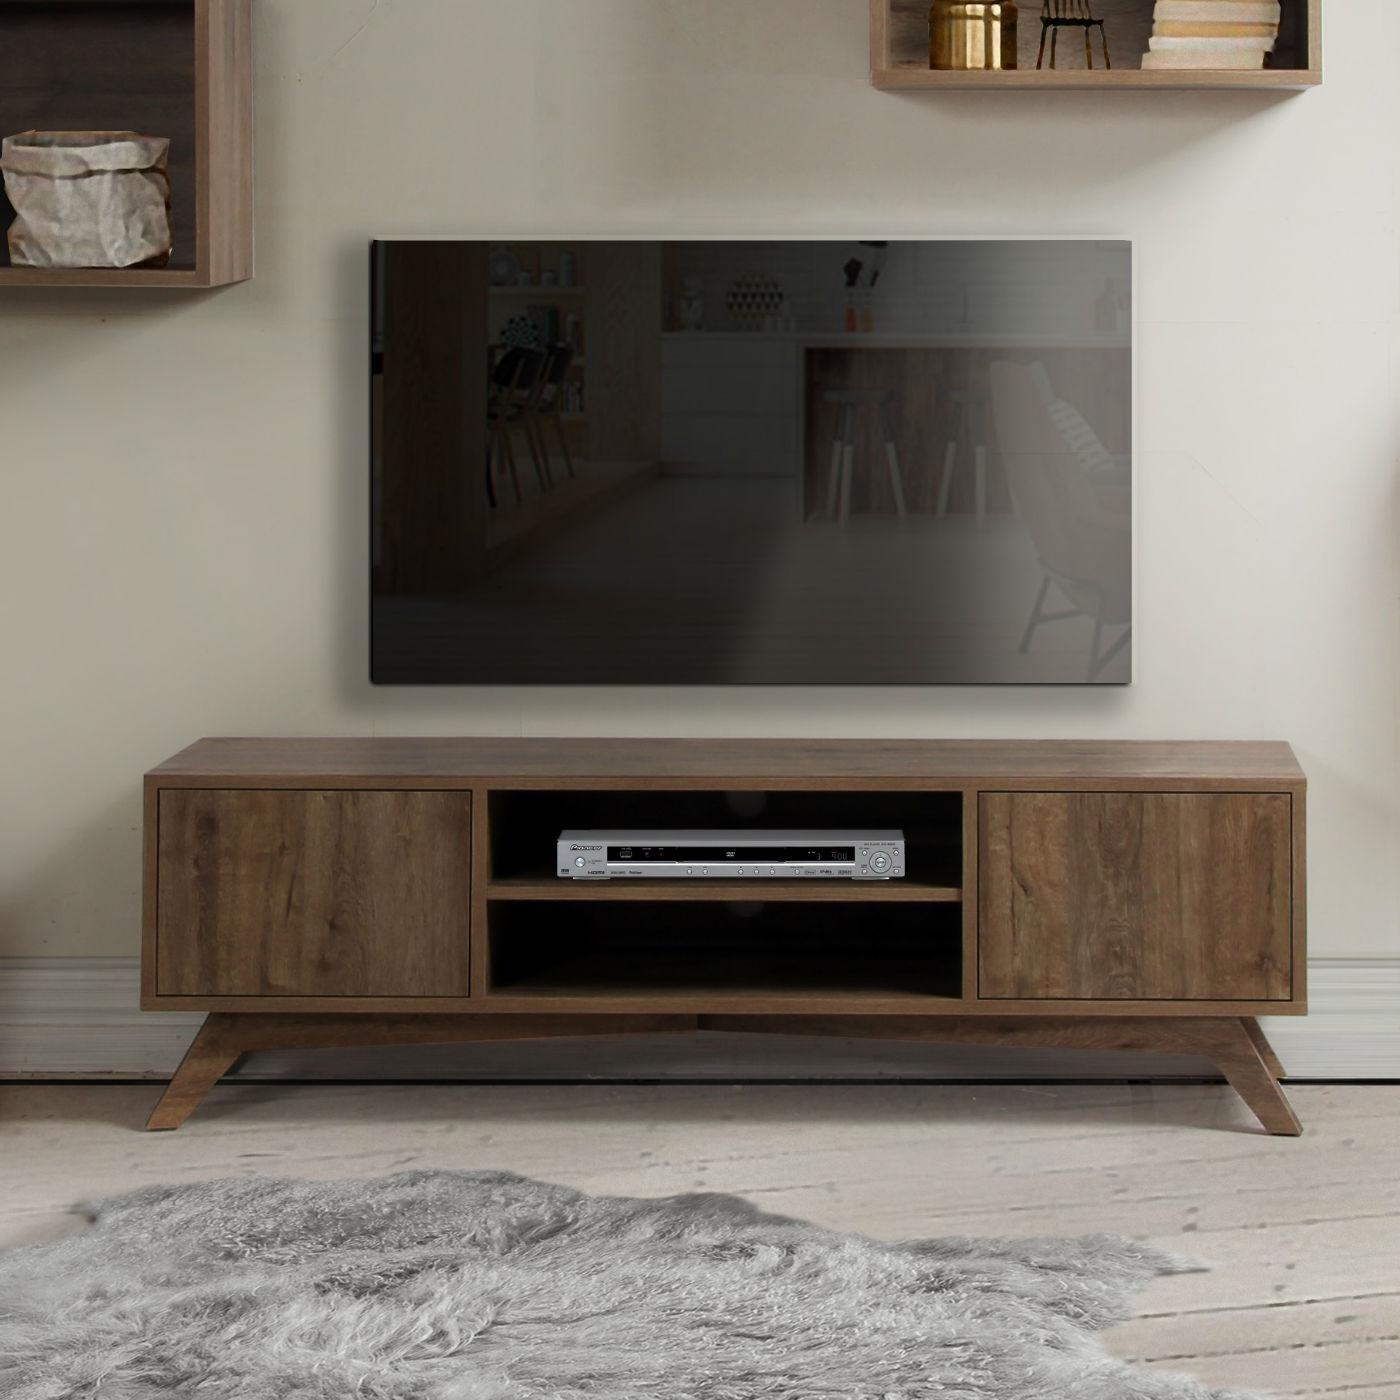 Meuble Tv Design Scandinave - Brin D'Ouest à Meuble Tv But